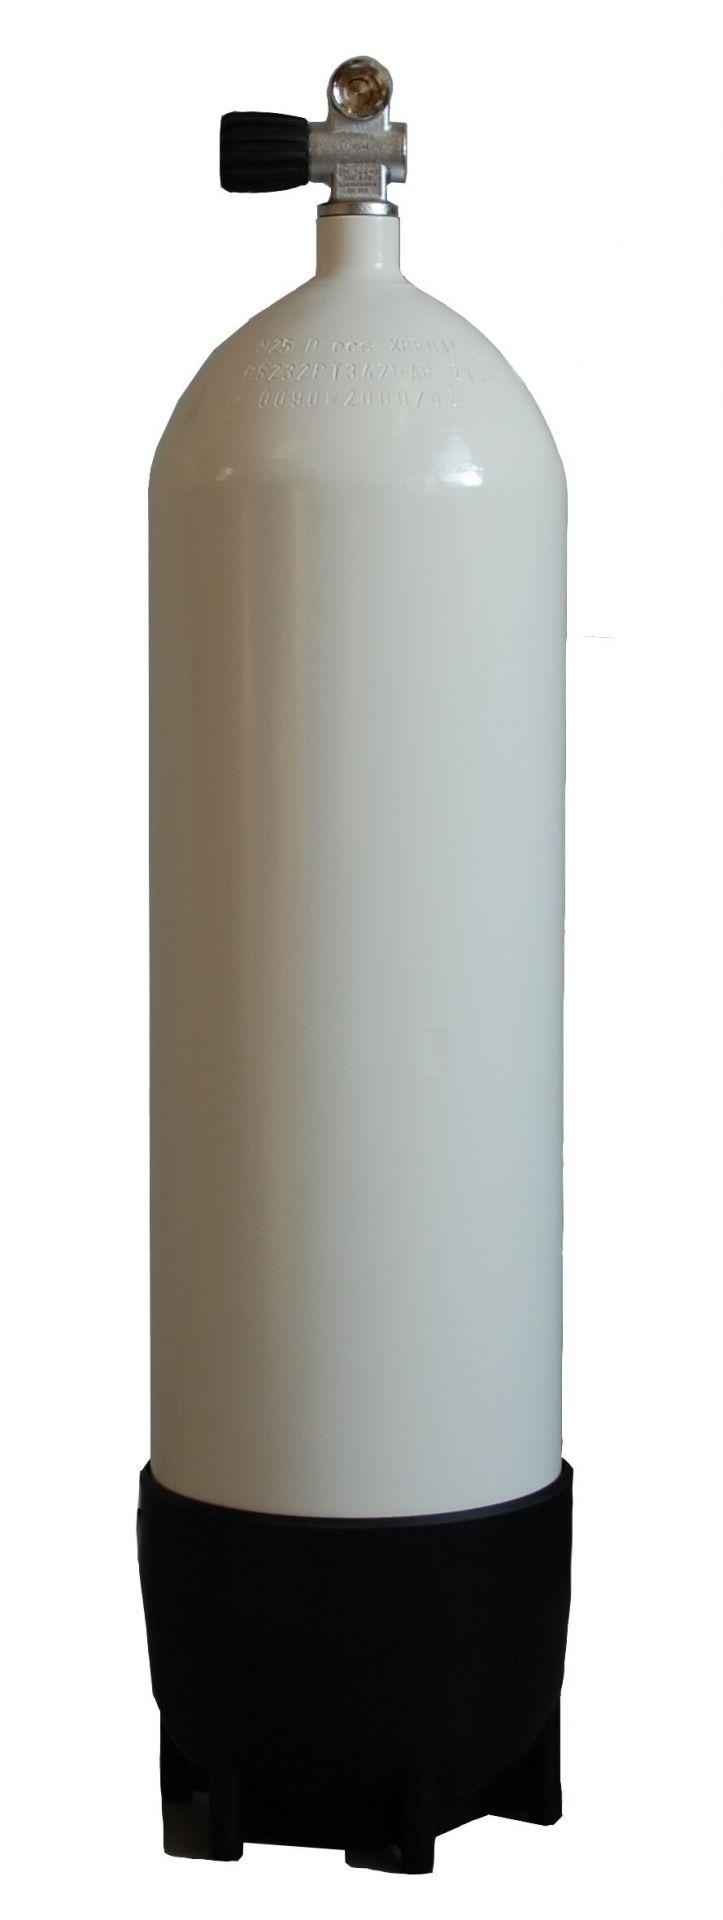 FABER - Tauchgerät 200Bar Stahlflasche Monoventil 12144 und Fuß